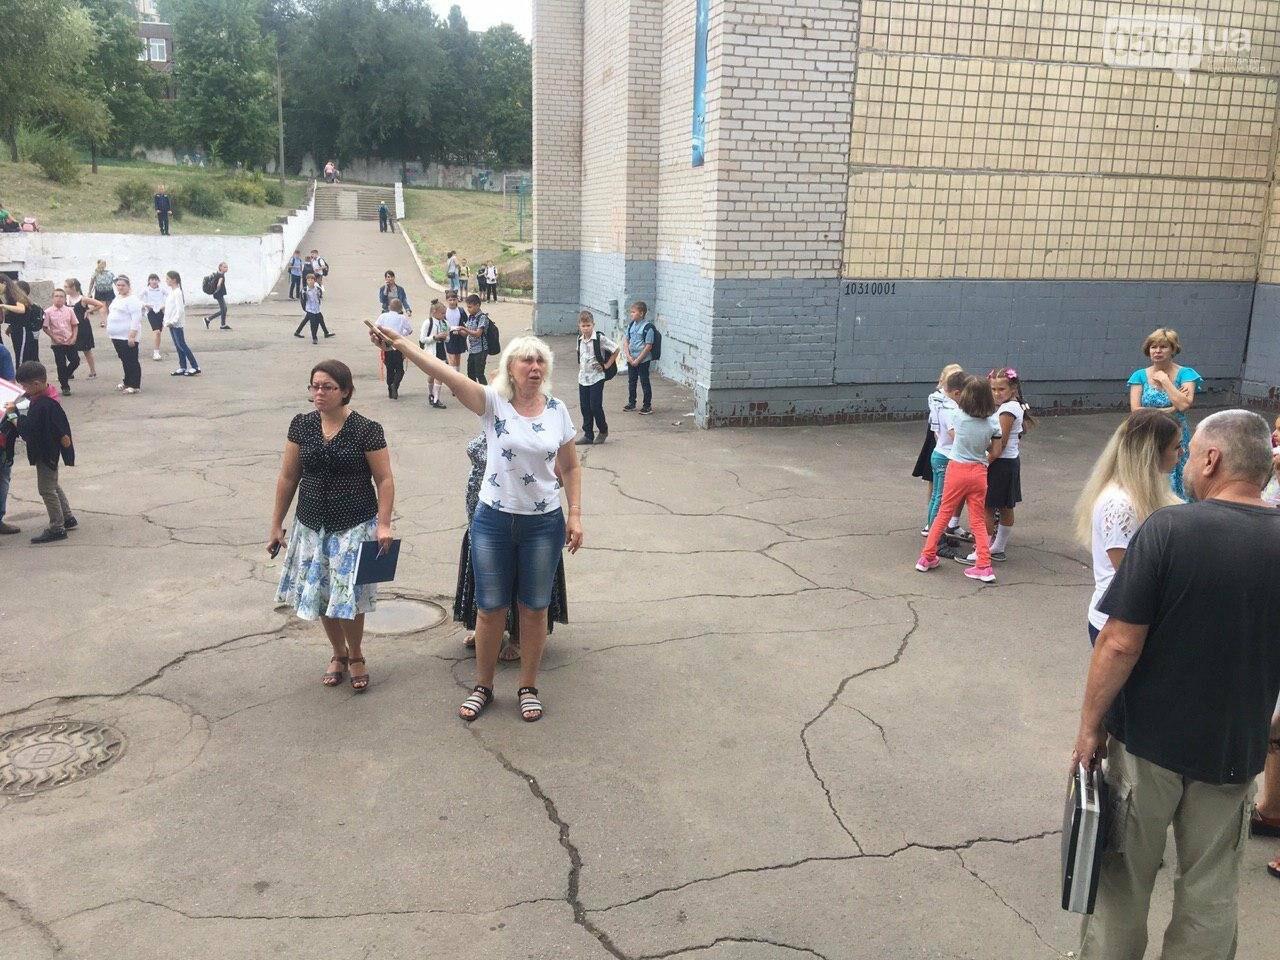 В одной из школ Кривого Рога из-за распыления неизвестного вещества срочно эвакуировали детей, - ФОТО, фото-11